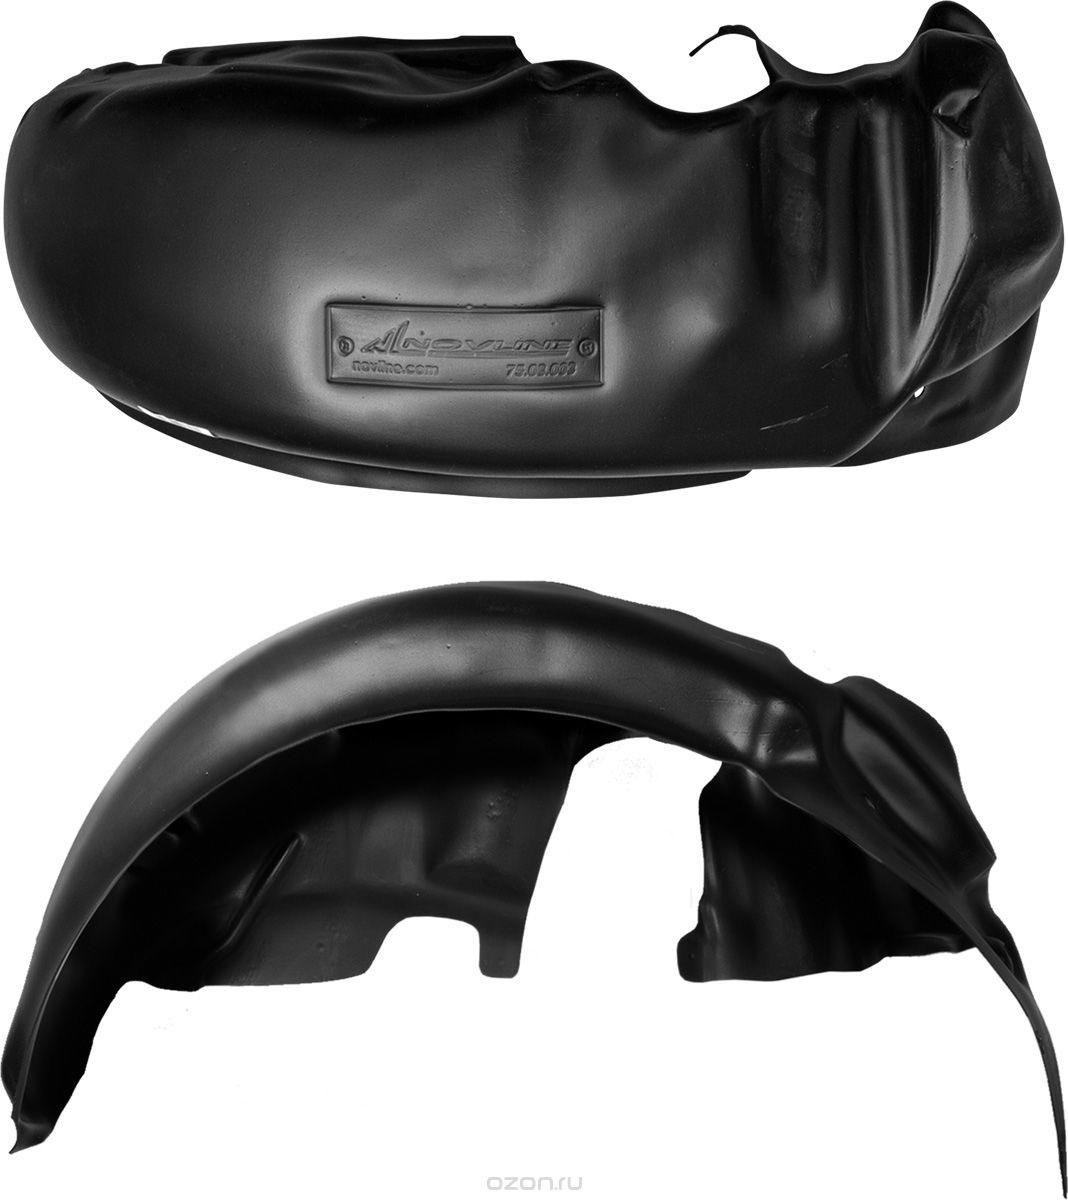 Подкрылок Novline-Autofamily, для Ford Fiesta, 2015->, хэтчбек, задний правыйNLL.16.61.004Идеальная защита колесной ниши. Локеры разработаны с применением цифровых технологий, гарантируют максимальную повторяемость поверхности арки. Изделия устанавливаются без нарушения лакокрасочного покрытия автомобиля, каждый подкрылок комплектуется крепежом. Уважаемые клиенты, обращаем ваше внимание, что фотографии на подкрылки универсальные и не отражают реальную форму изделия. При этом само изделие идет точно под размер указанного автомобиля.